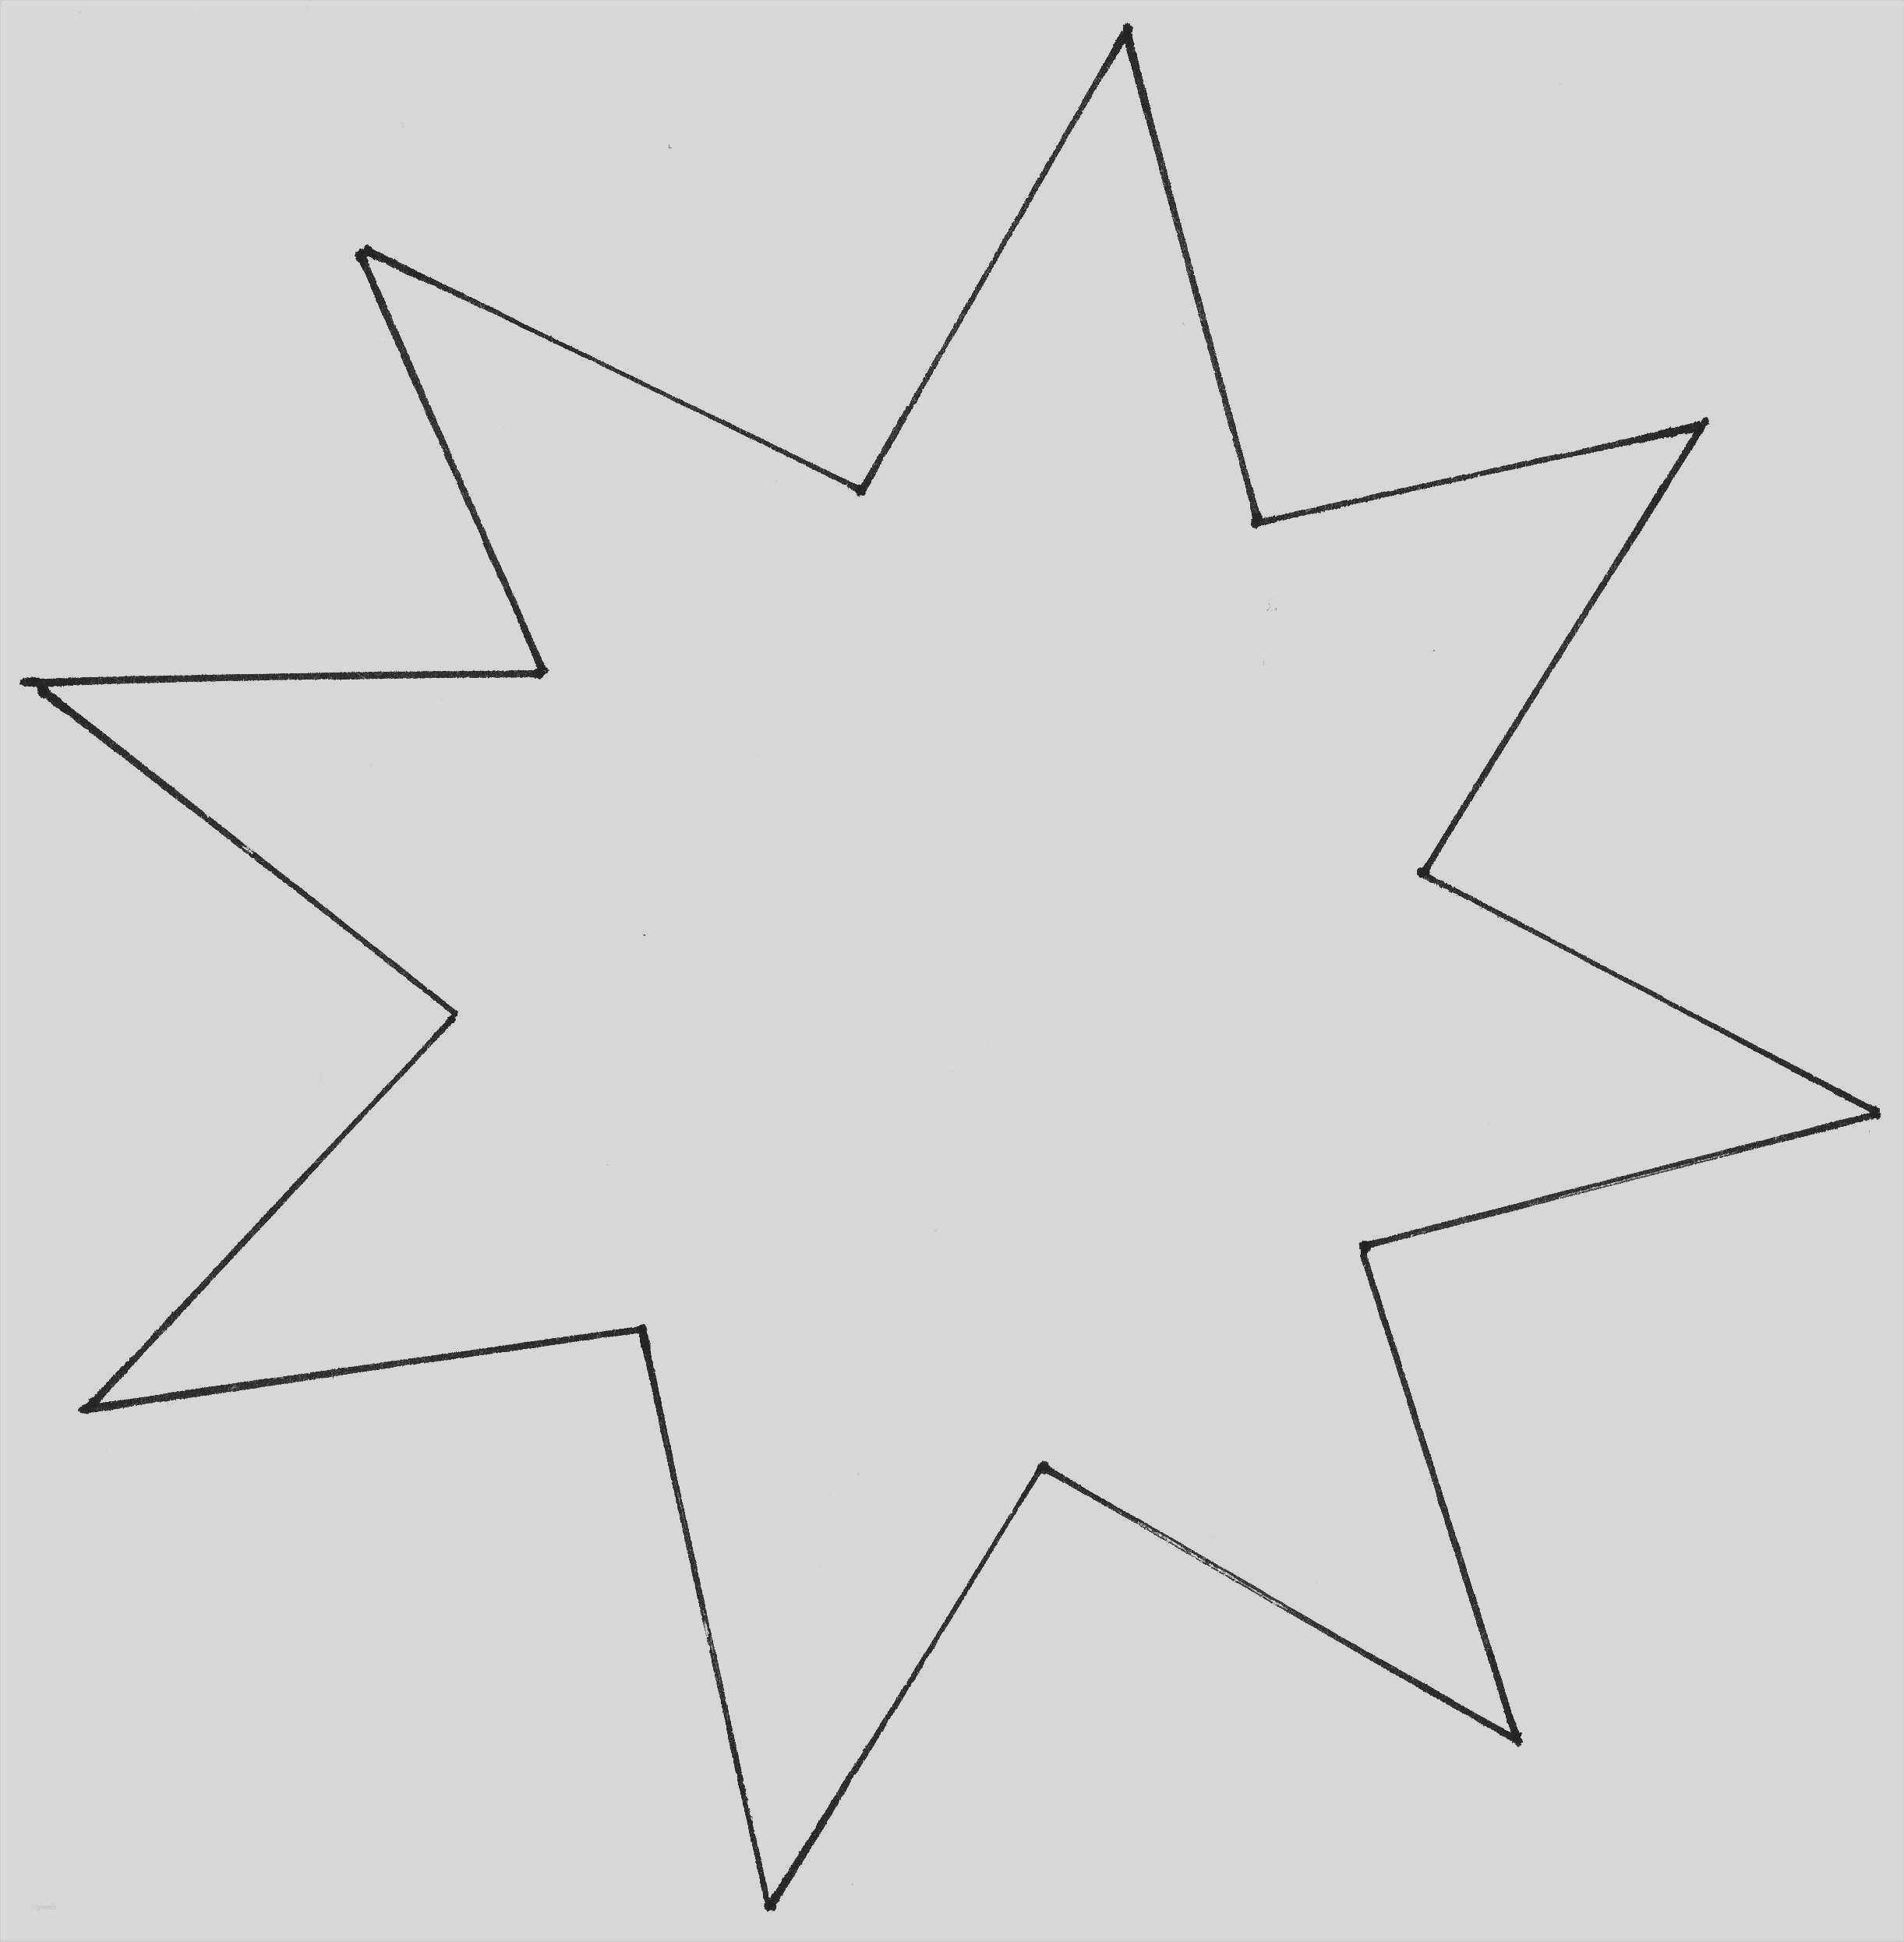 malvorlage stern groß  kinderbilderdownload